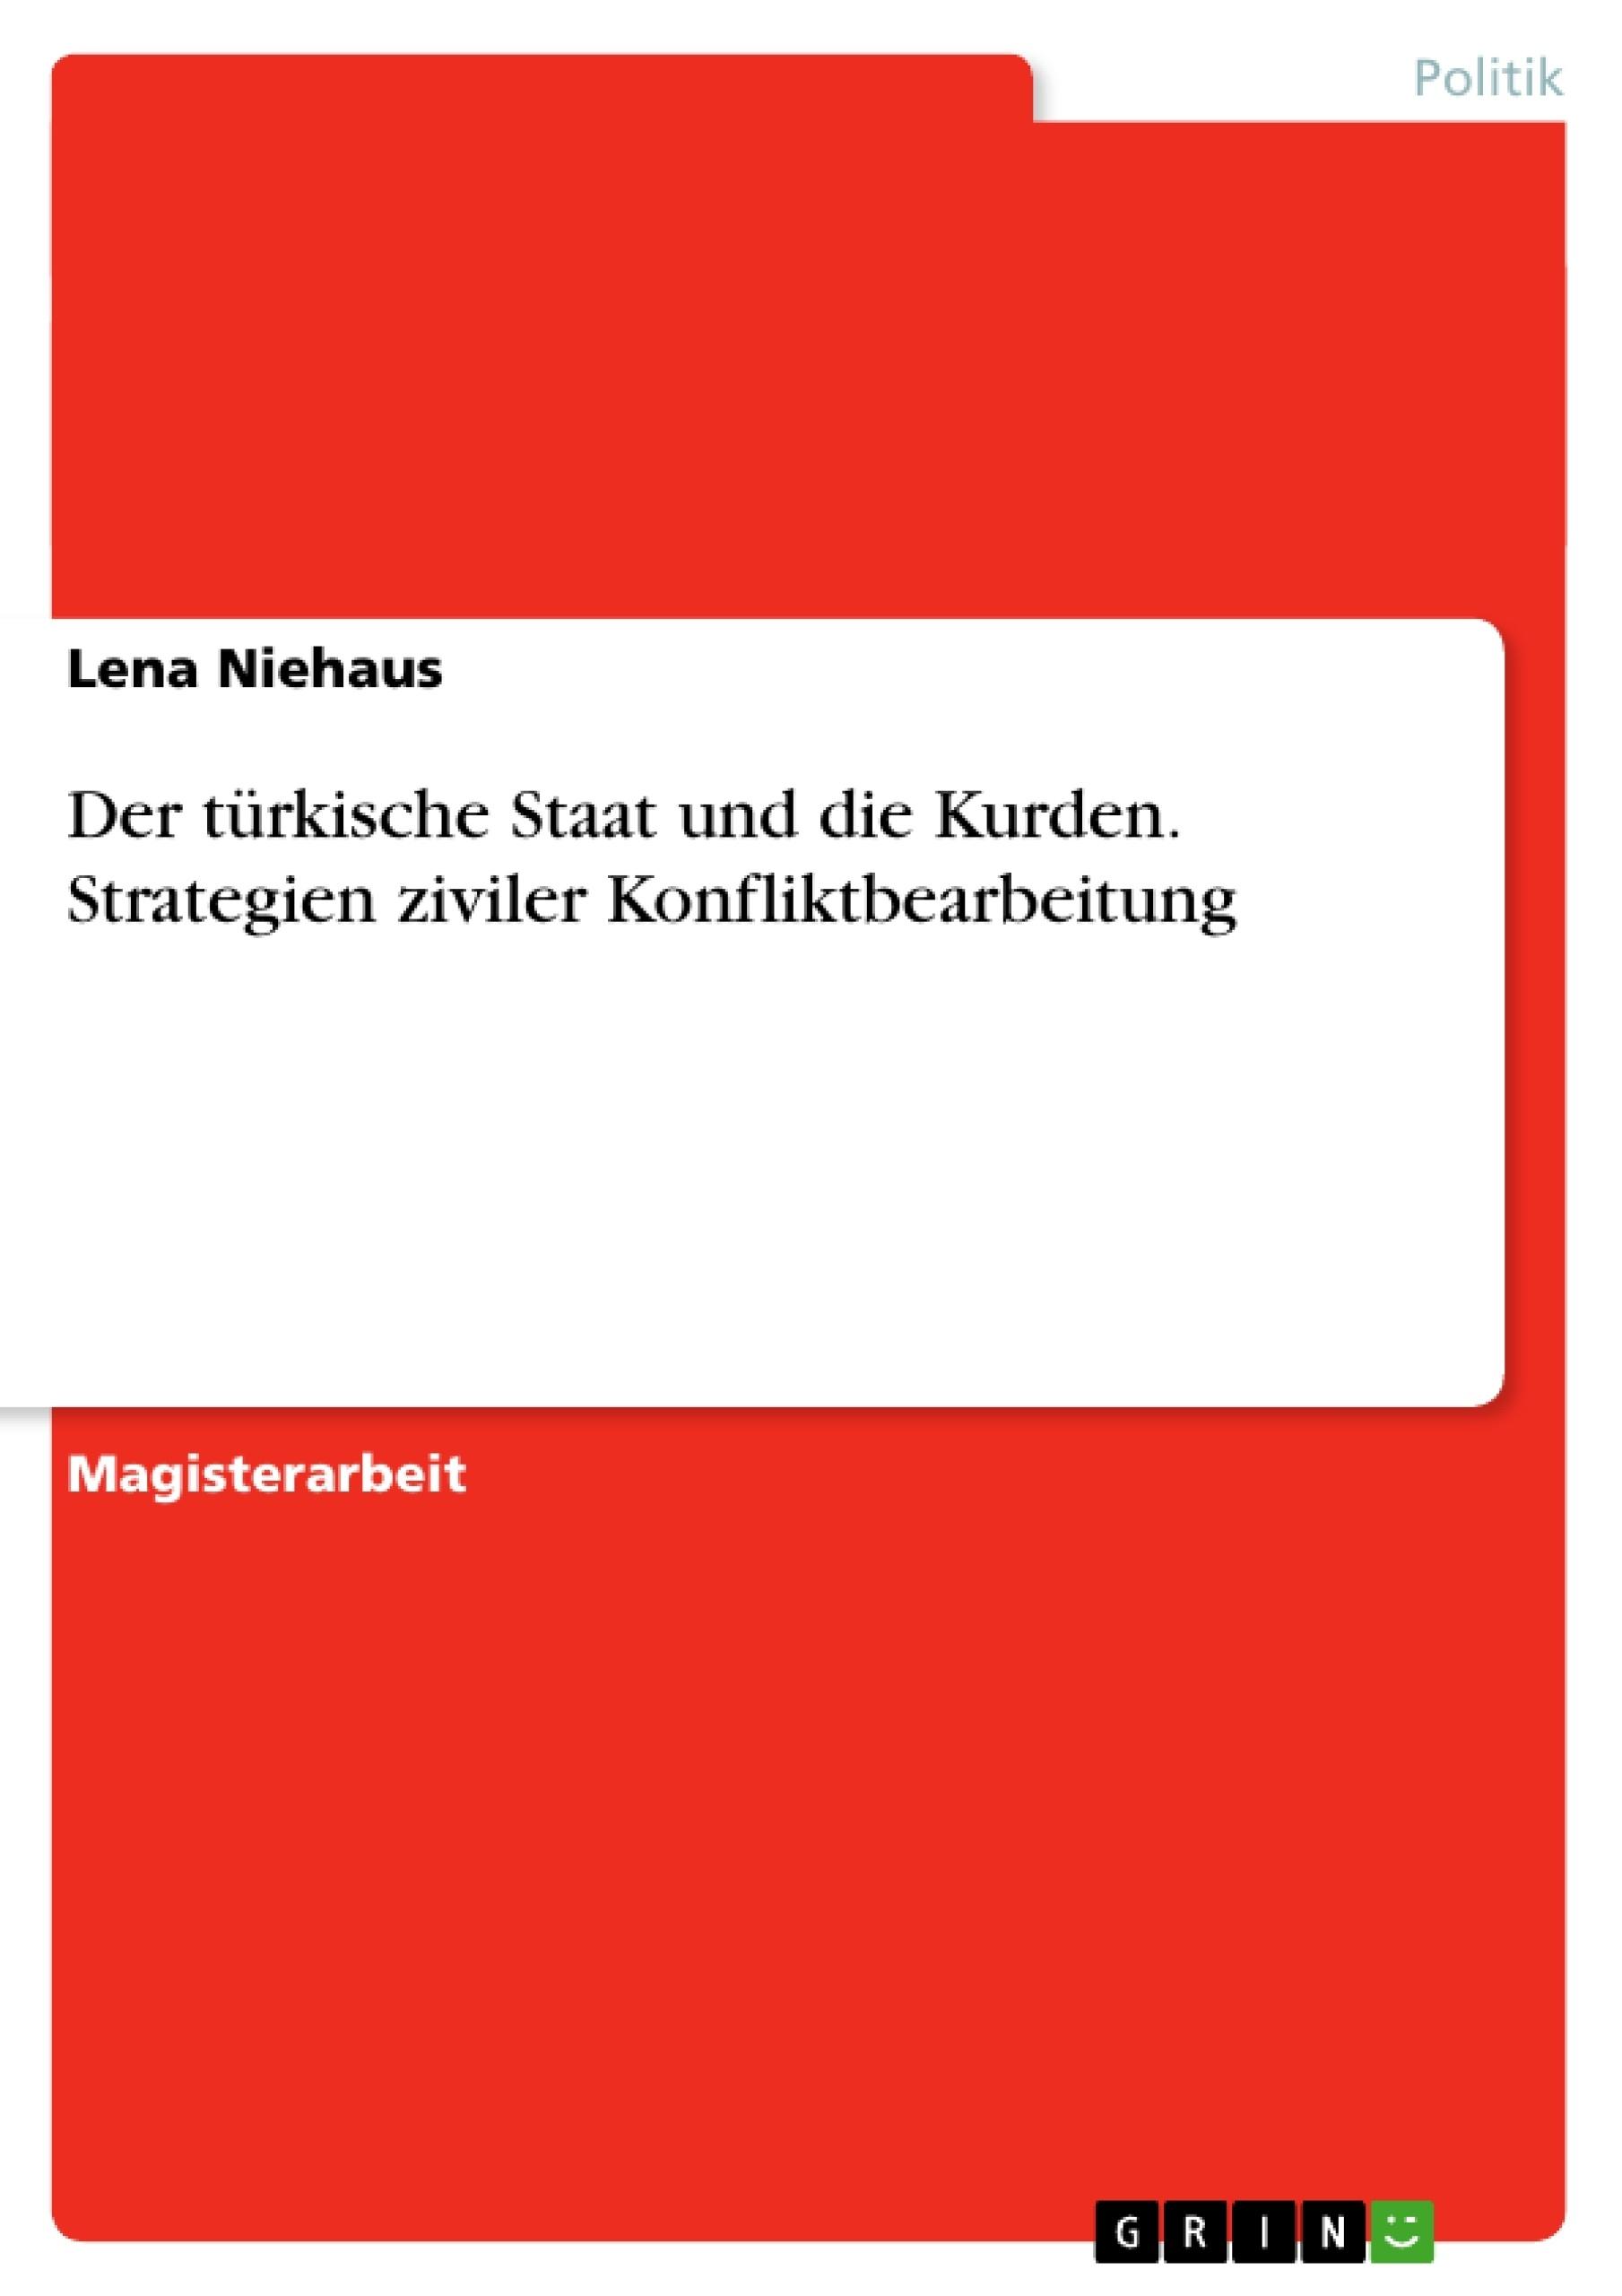 Titel: Der türkische Staat und die Kurden. Strategien ziviler Konfliktbearbeitung